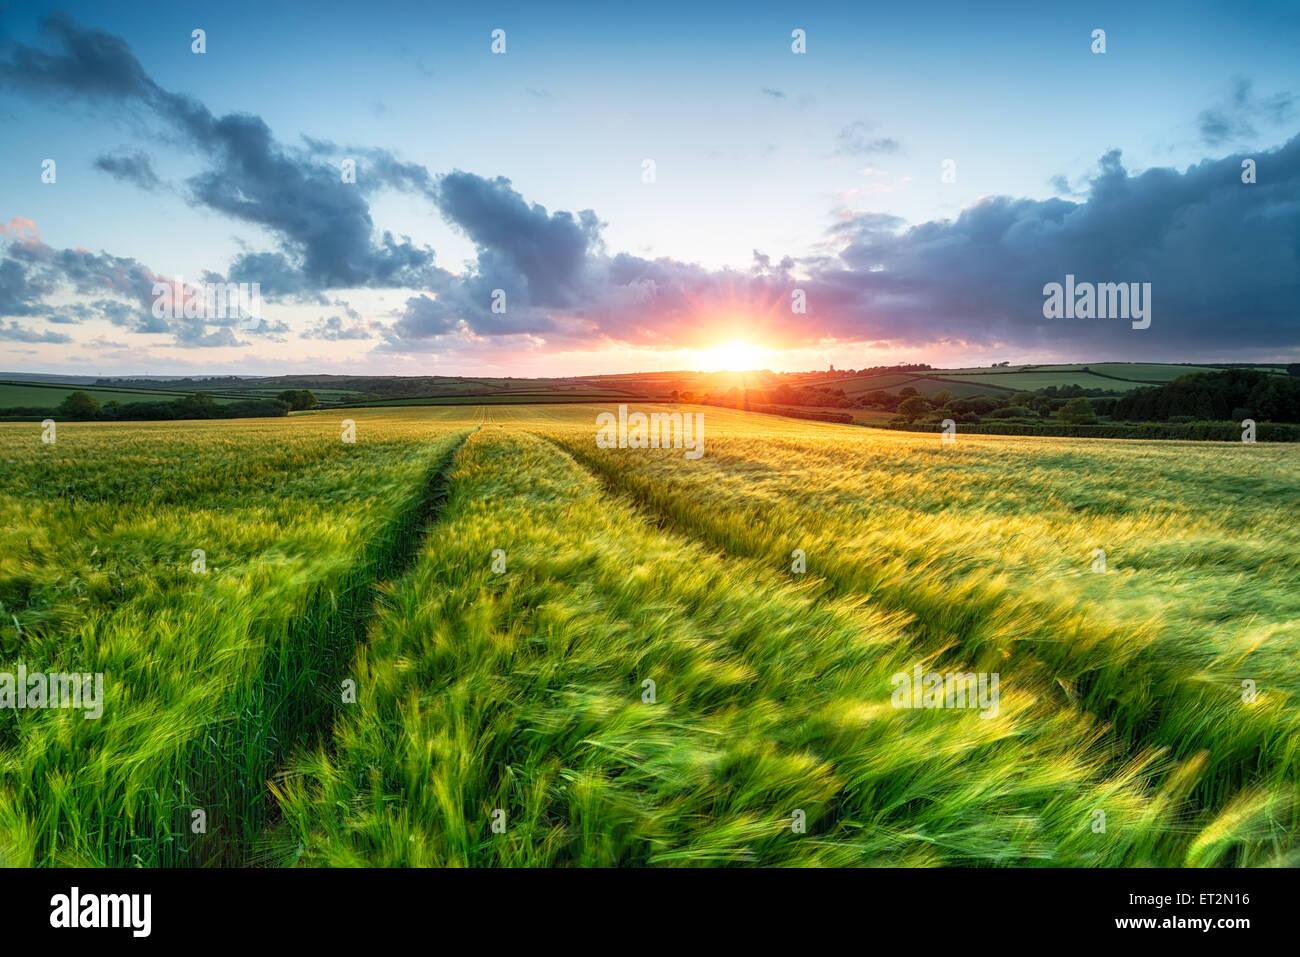 Sonnenuntergang über Ackerland mit Gerste in der Brise weht Stockbild